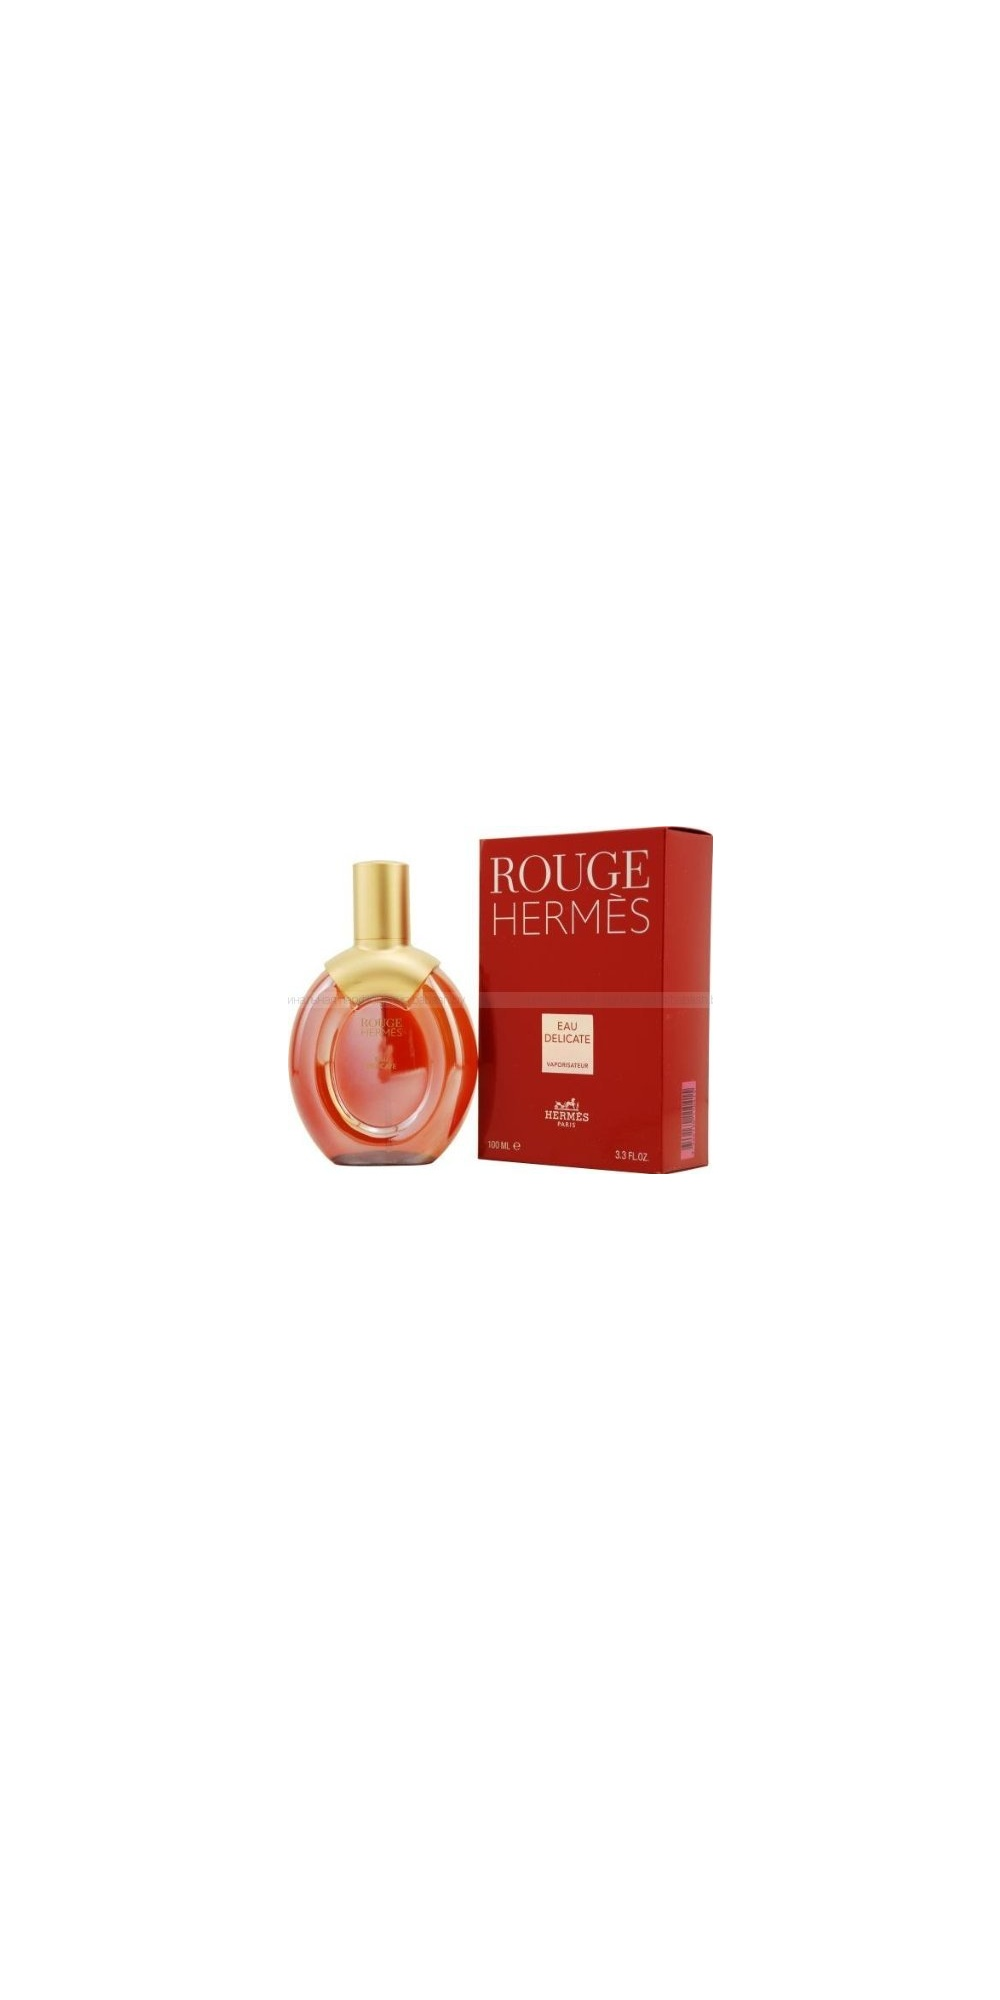 bcf47f003852 Hermes Rouge Hermes Eau Delicate EDT духи, купить туалетную воду ...